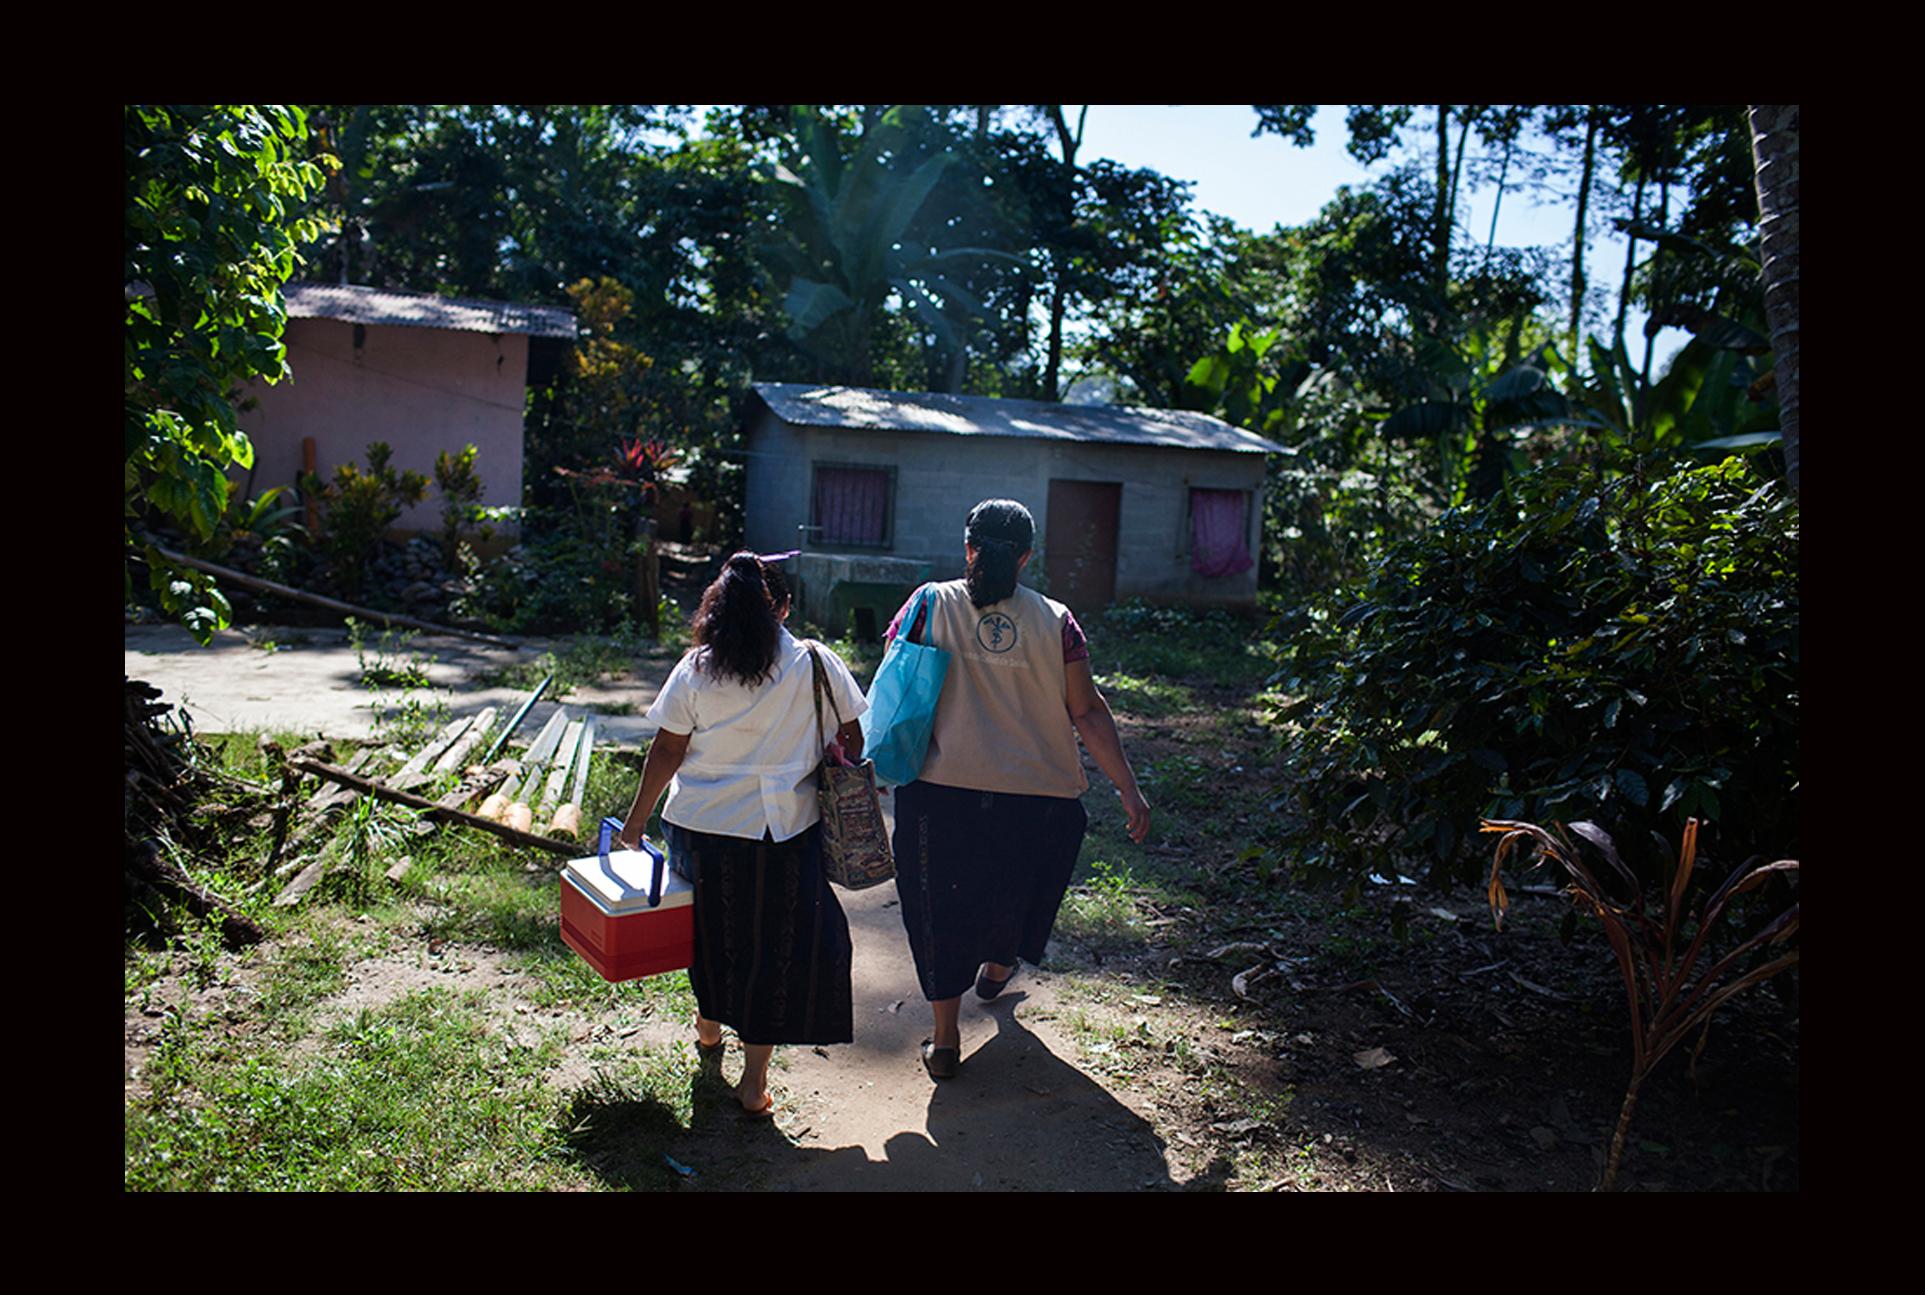 Marta Ofelia Ajpacaja y María Ixquiactap Chop, auxiliares de enfermería, visitan el caserío Xetulul para sacar muestras de agua.